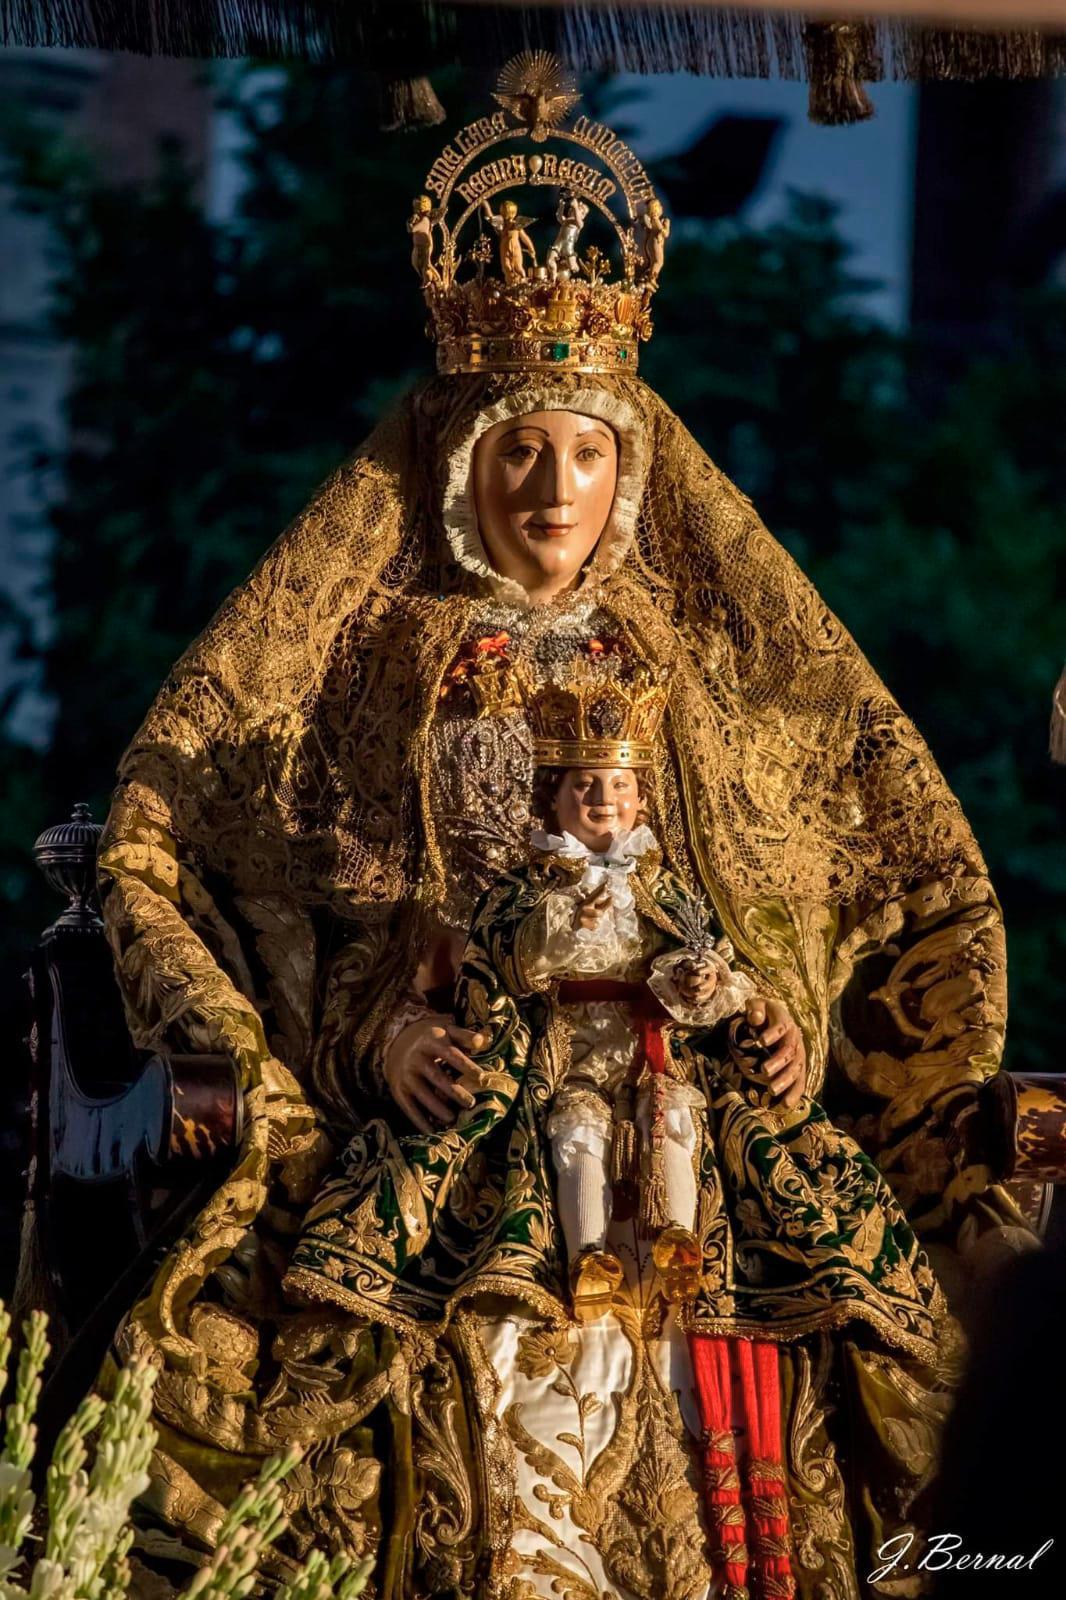 La Virgen de los Reyes presidirá la misa de las bodas de oro sacerdotales de Asenjo